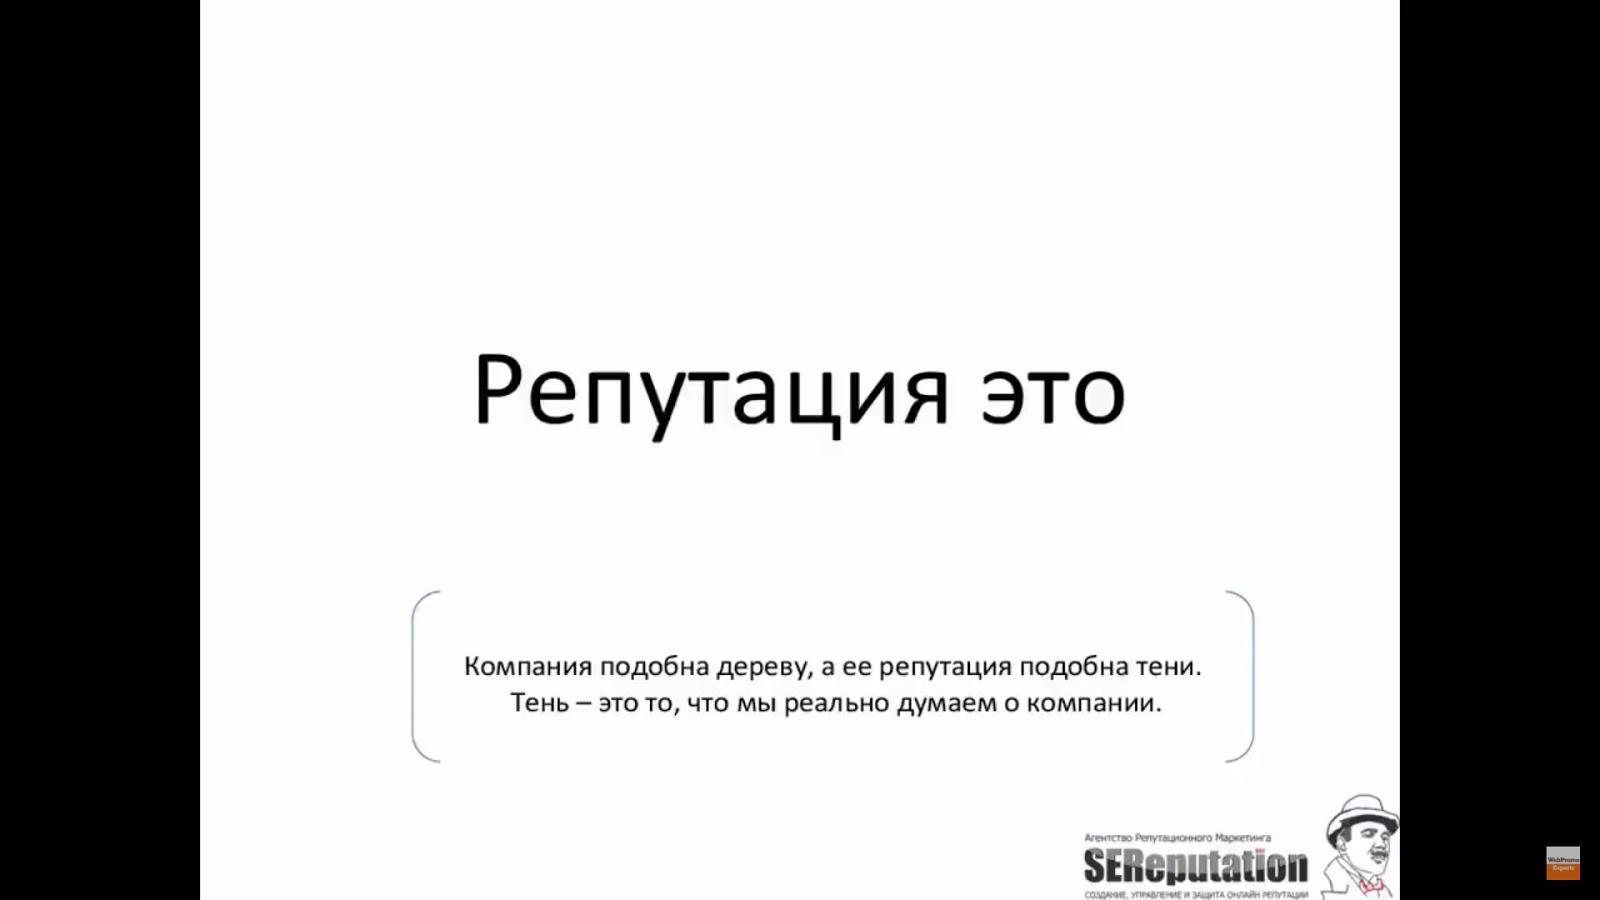 Что такое репутация? значение, синонимы и толкование :: syl.ru